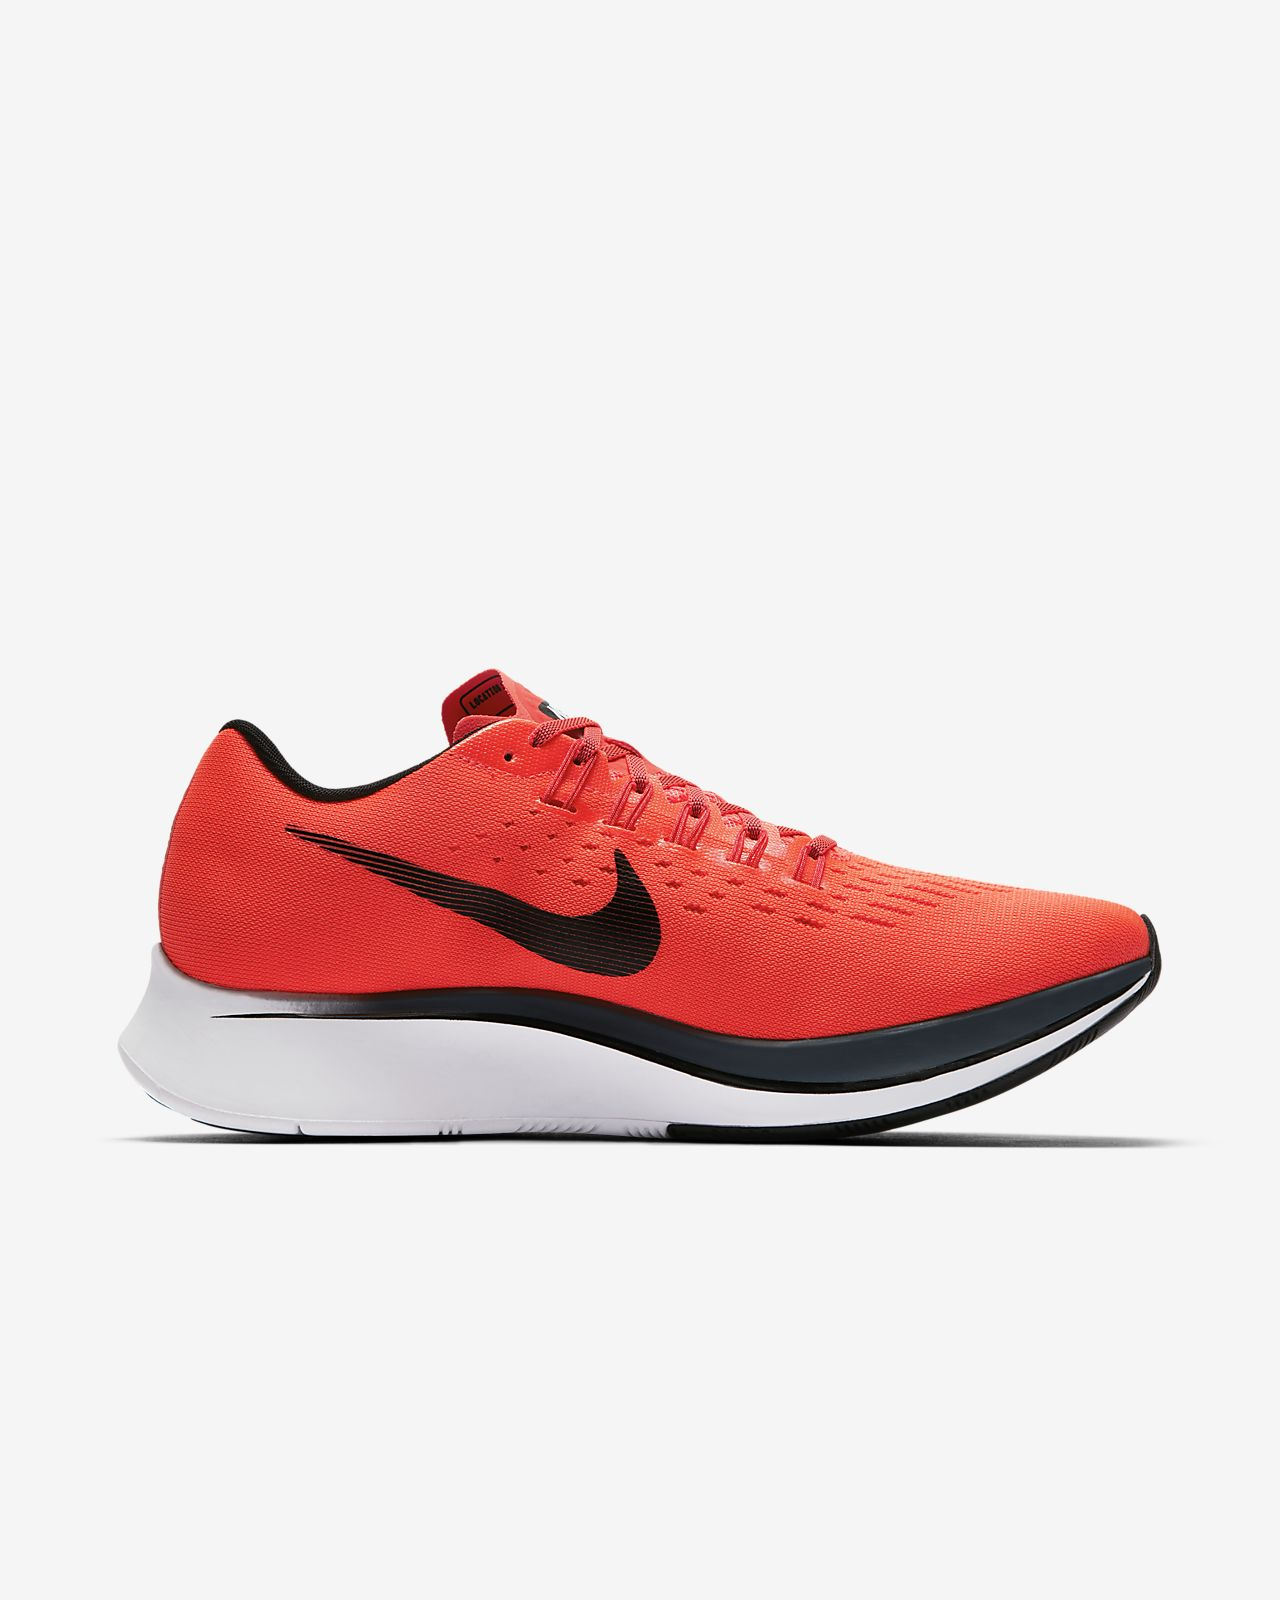 79ede5f249f10 Calzado de running para hombre Nike Zoom Fly. Nike.com CL